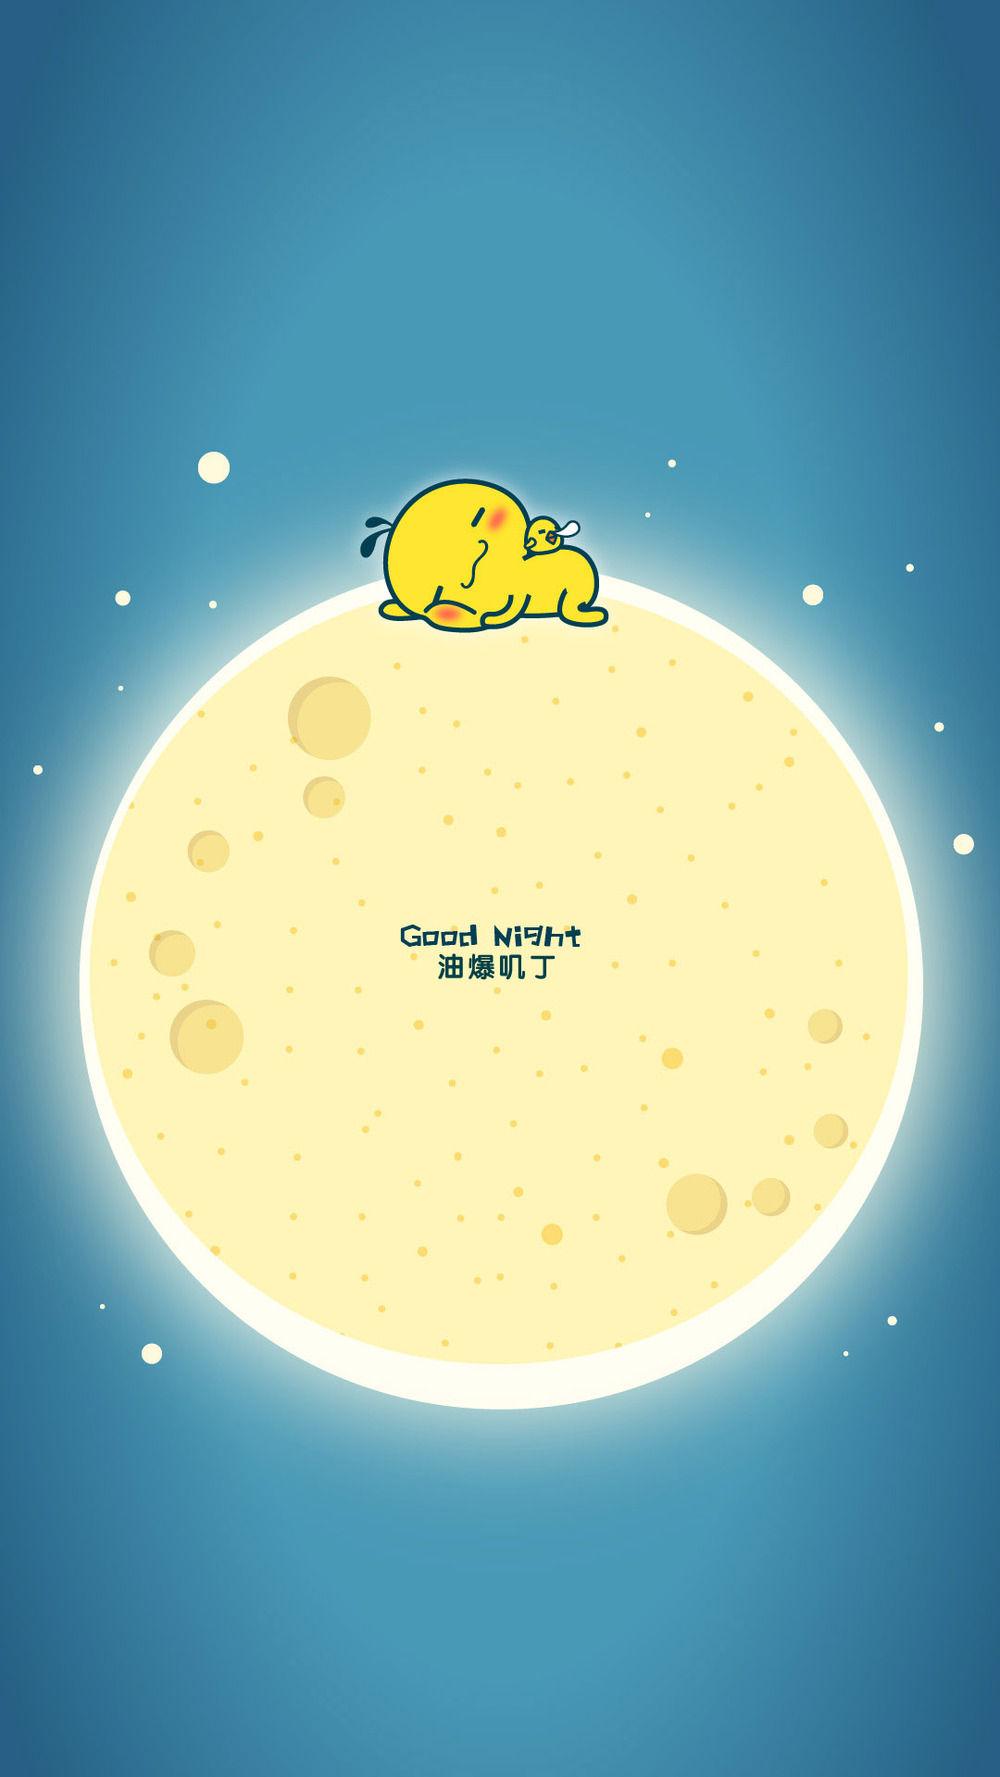 月球 晚安-太空晚安 1080x1920.jpg